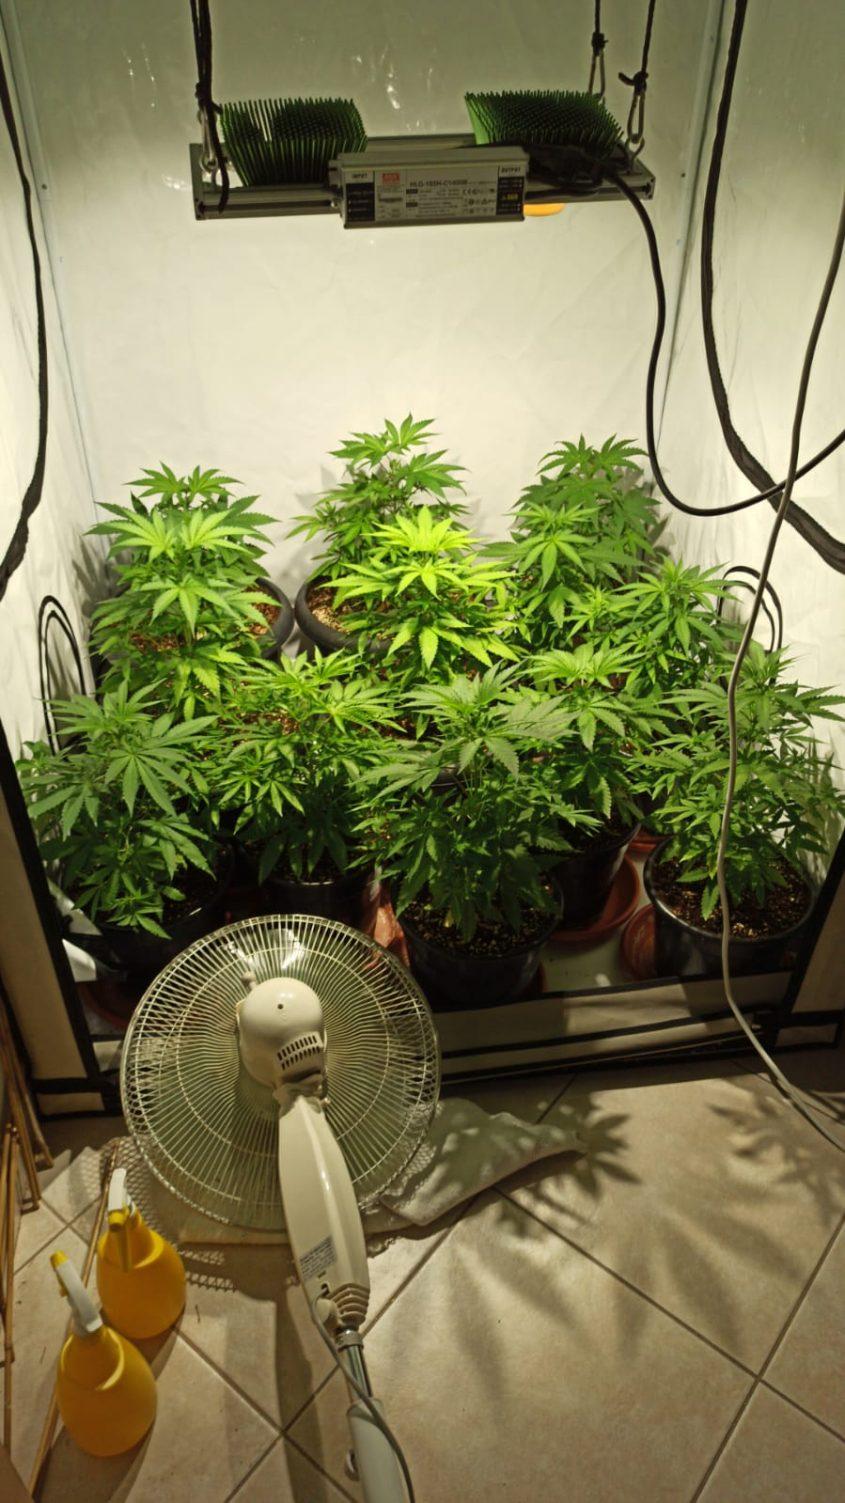 מעבדת הסמים באחת הדירות. צילום: דוברות המשטרה